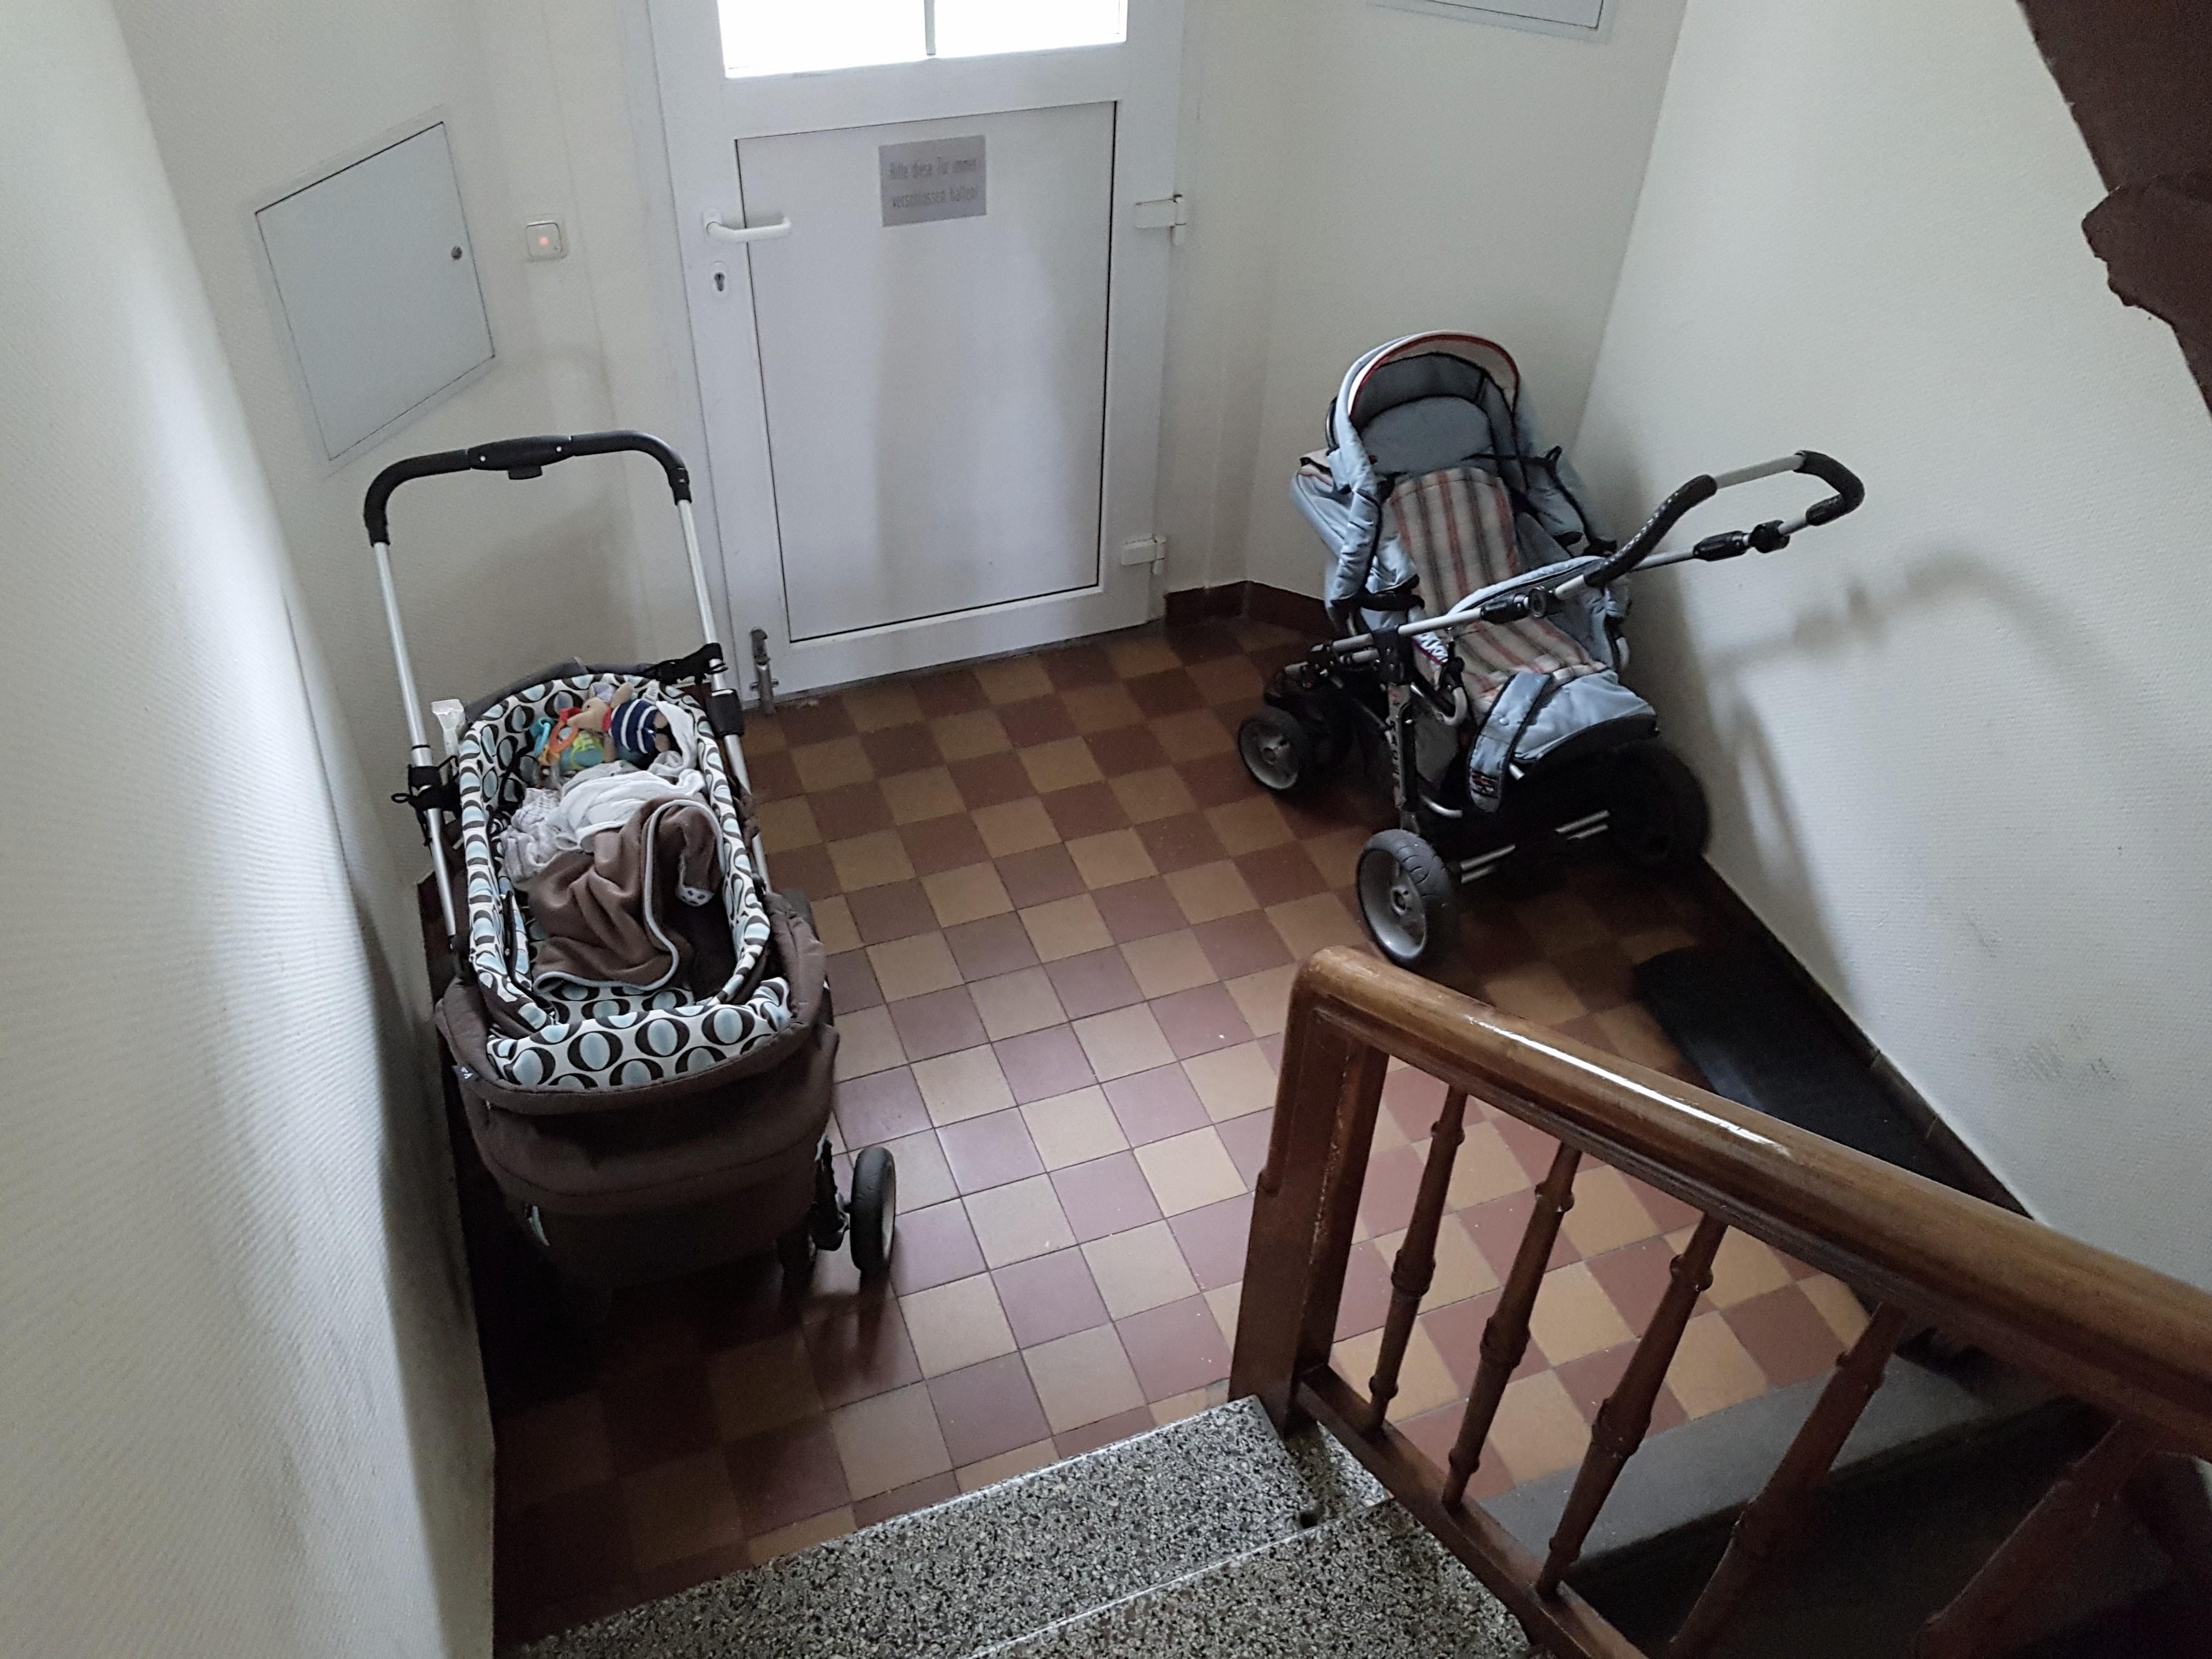 Auf dem Foto ist der Blick in einen Hausflur zu erkennen, links und rechts der Tür stehen jeweils Kinderwagen.